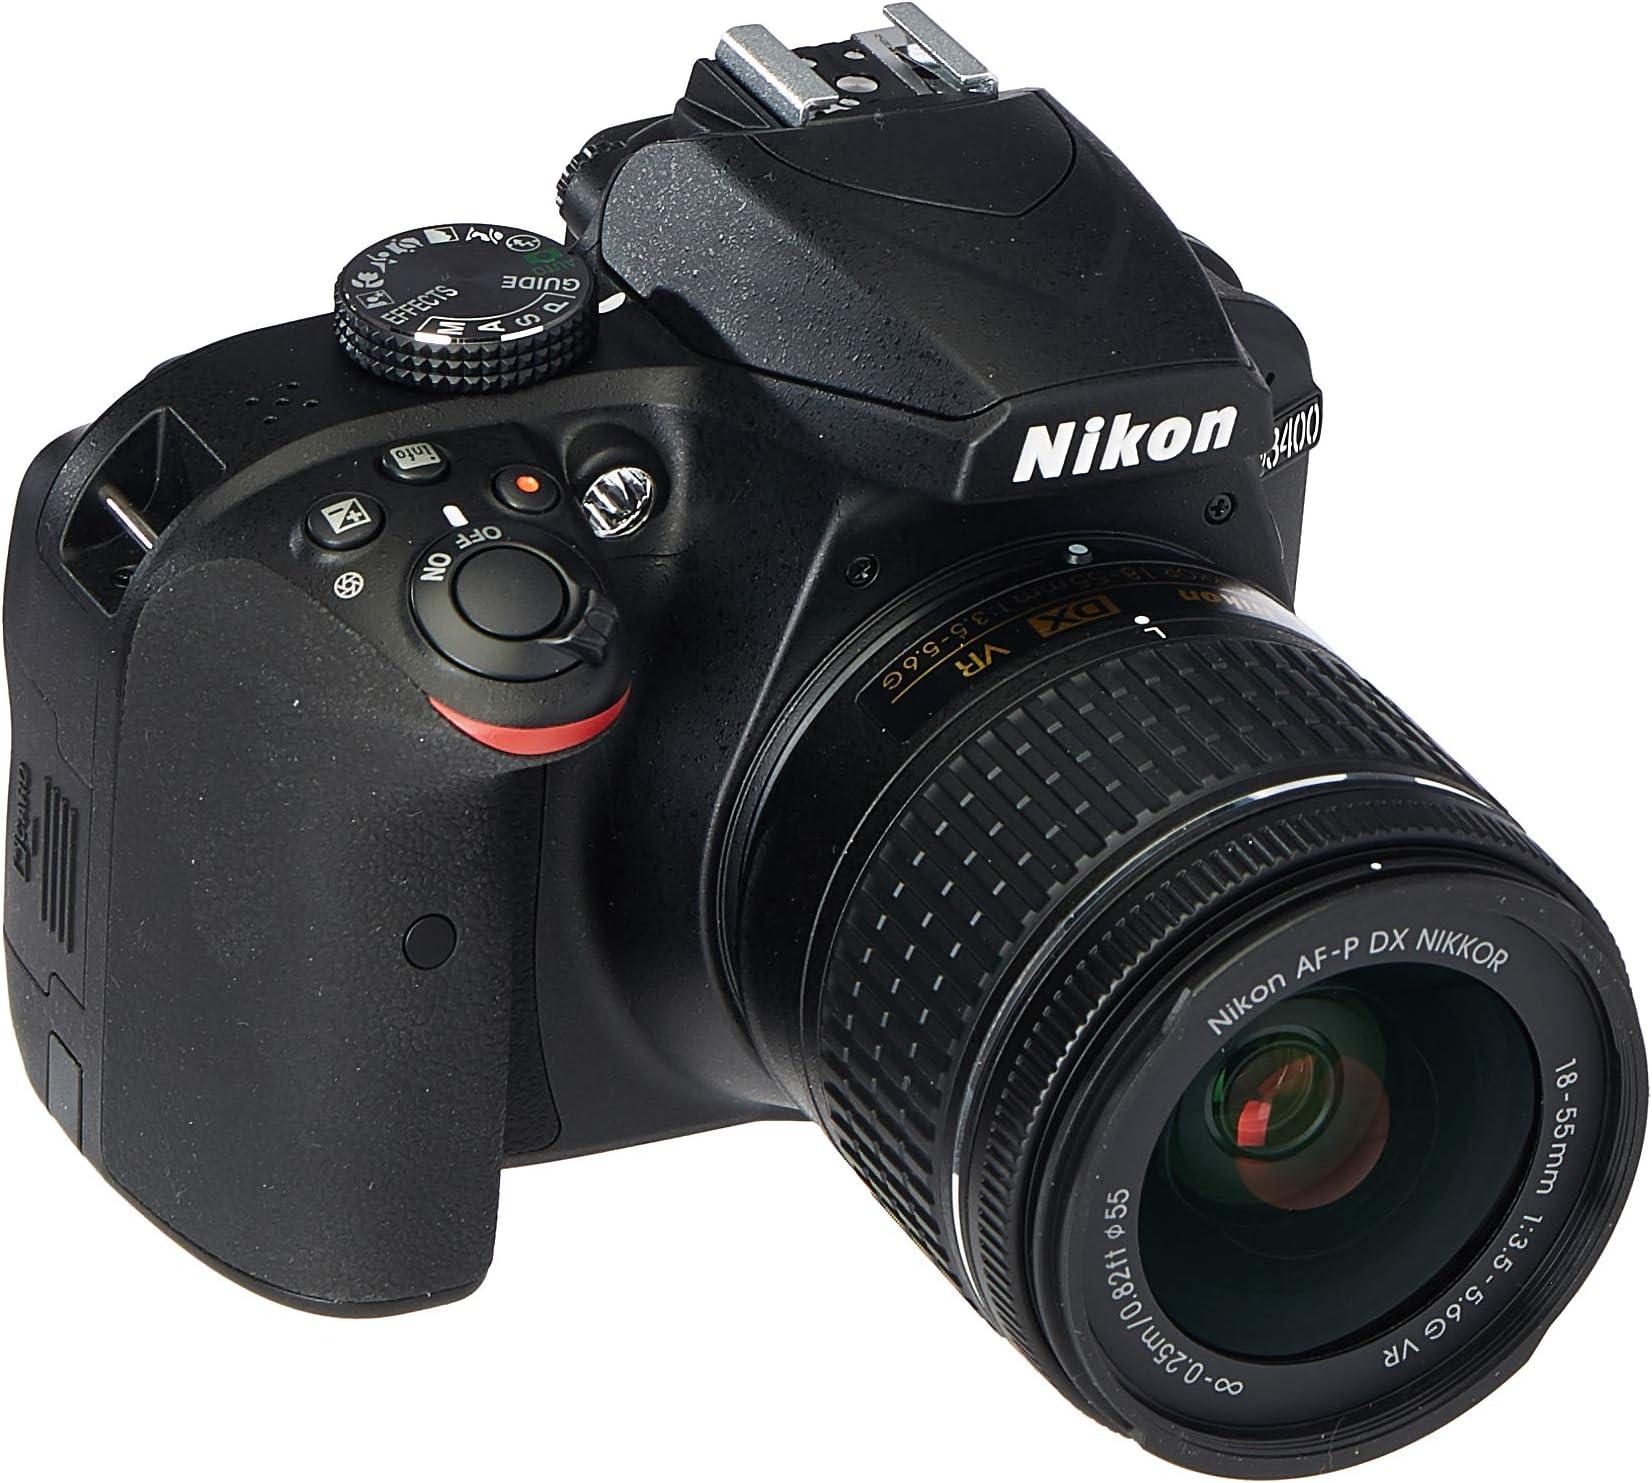 Nikon D3400 Digital SLR Camera & 18-55mm VR DX AF-P Zoom Lens (Black) - (Renewed)